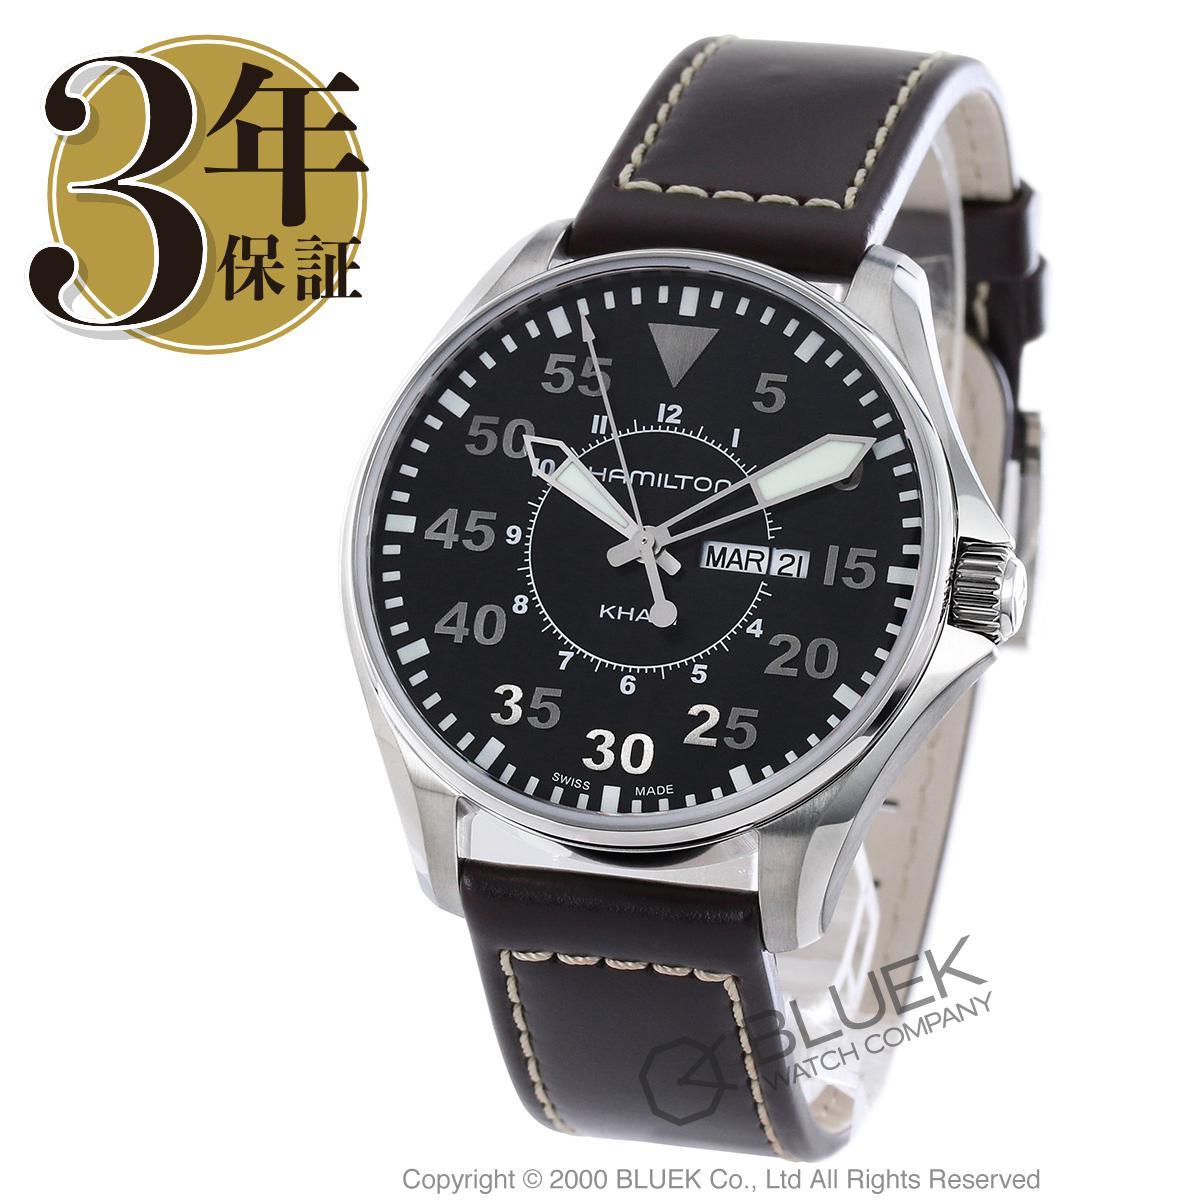 ハミルトン カーキ アビエーション パイロット 腕時計 メンズ HAMILTON H64611535_8 バーゲン 成人祝い ギフト プレゼント